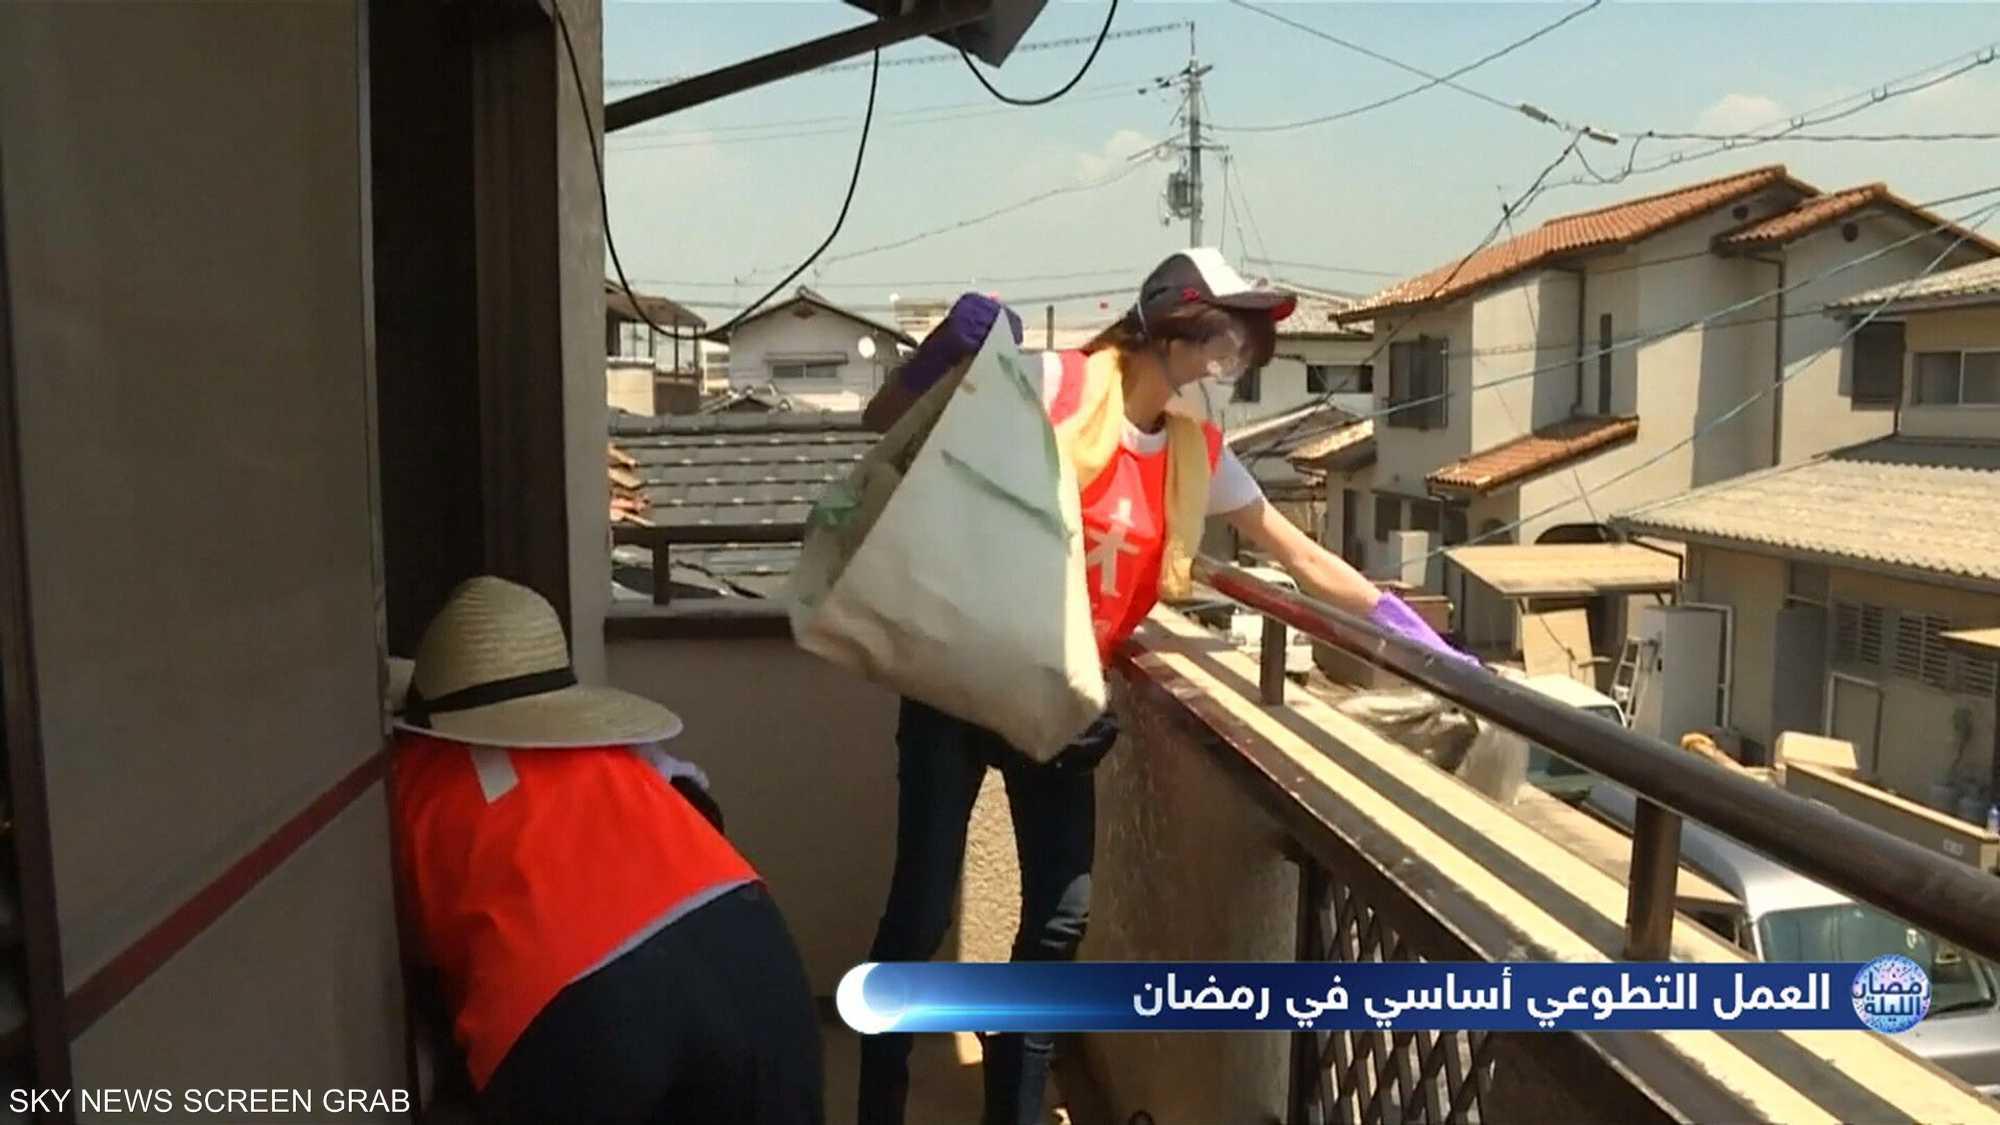 كيف يساعد التطوع على تطوير المجتمعات؟